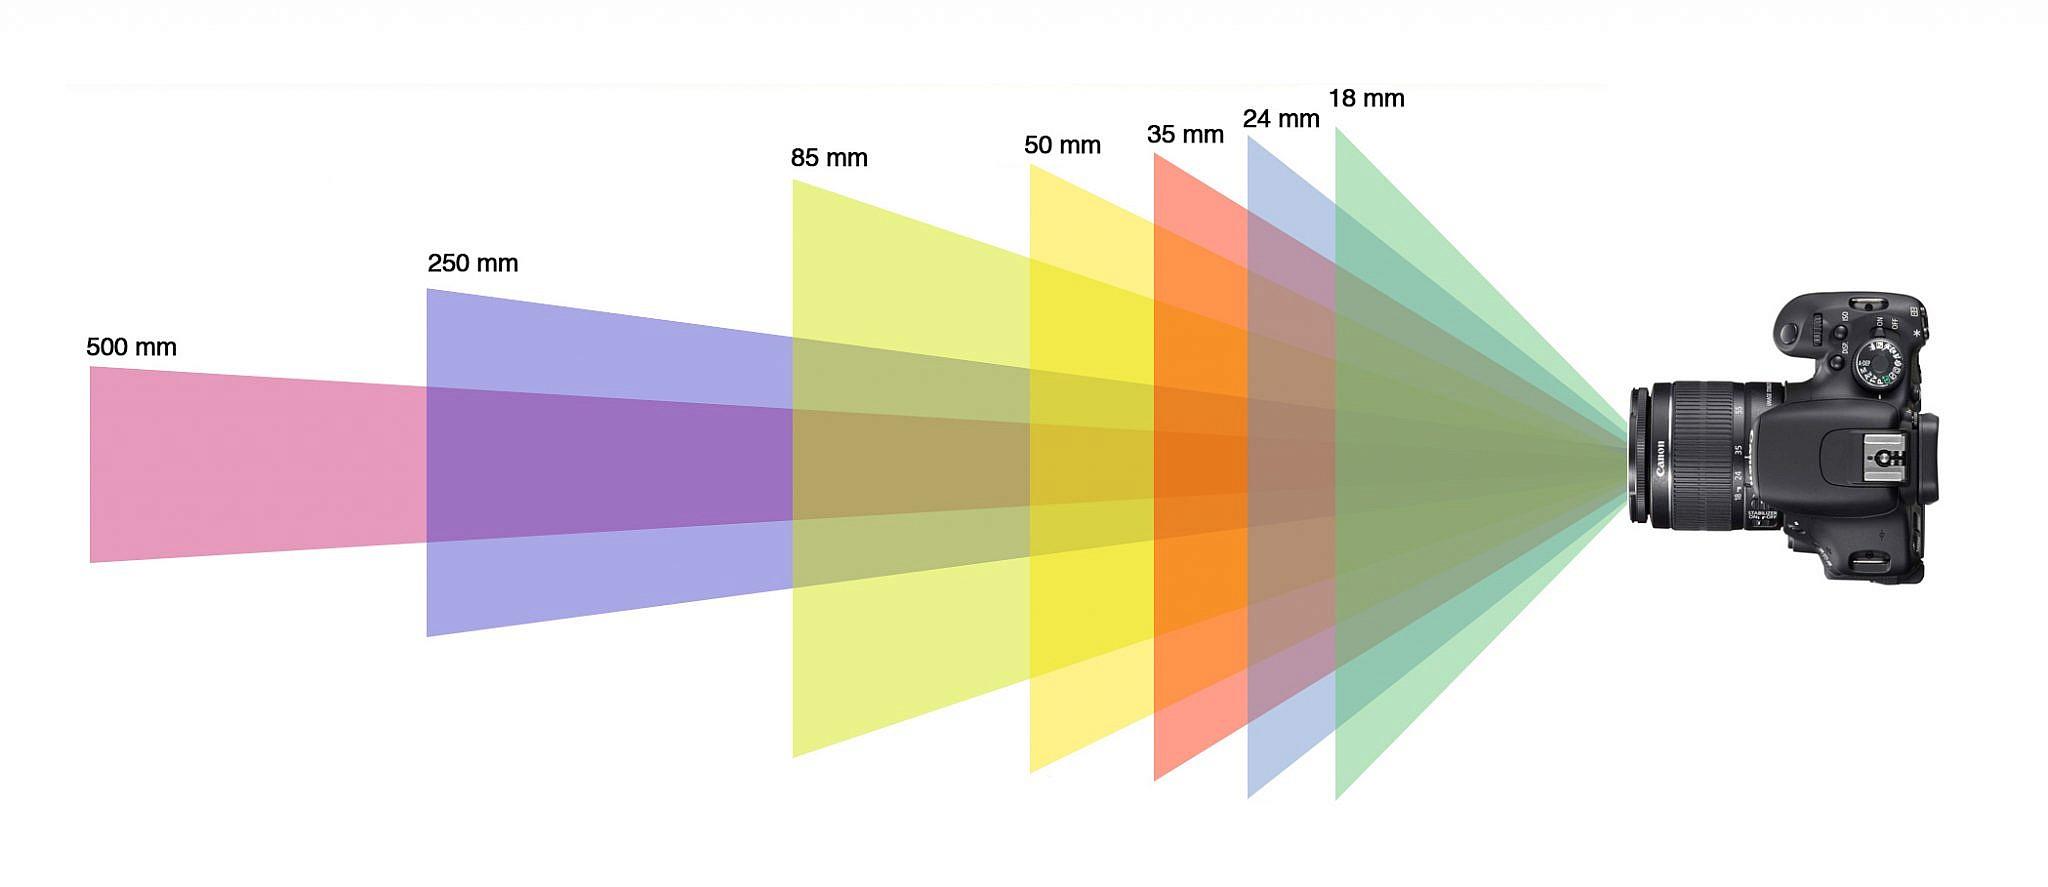 Brandpuntafstand | focus afstand | sluitertijd berekenen.